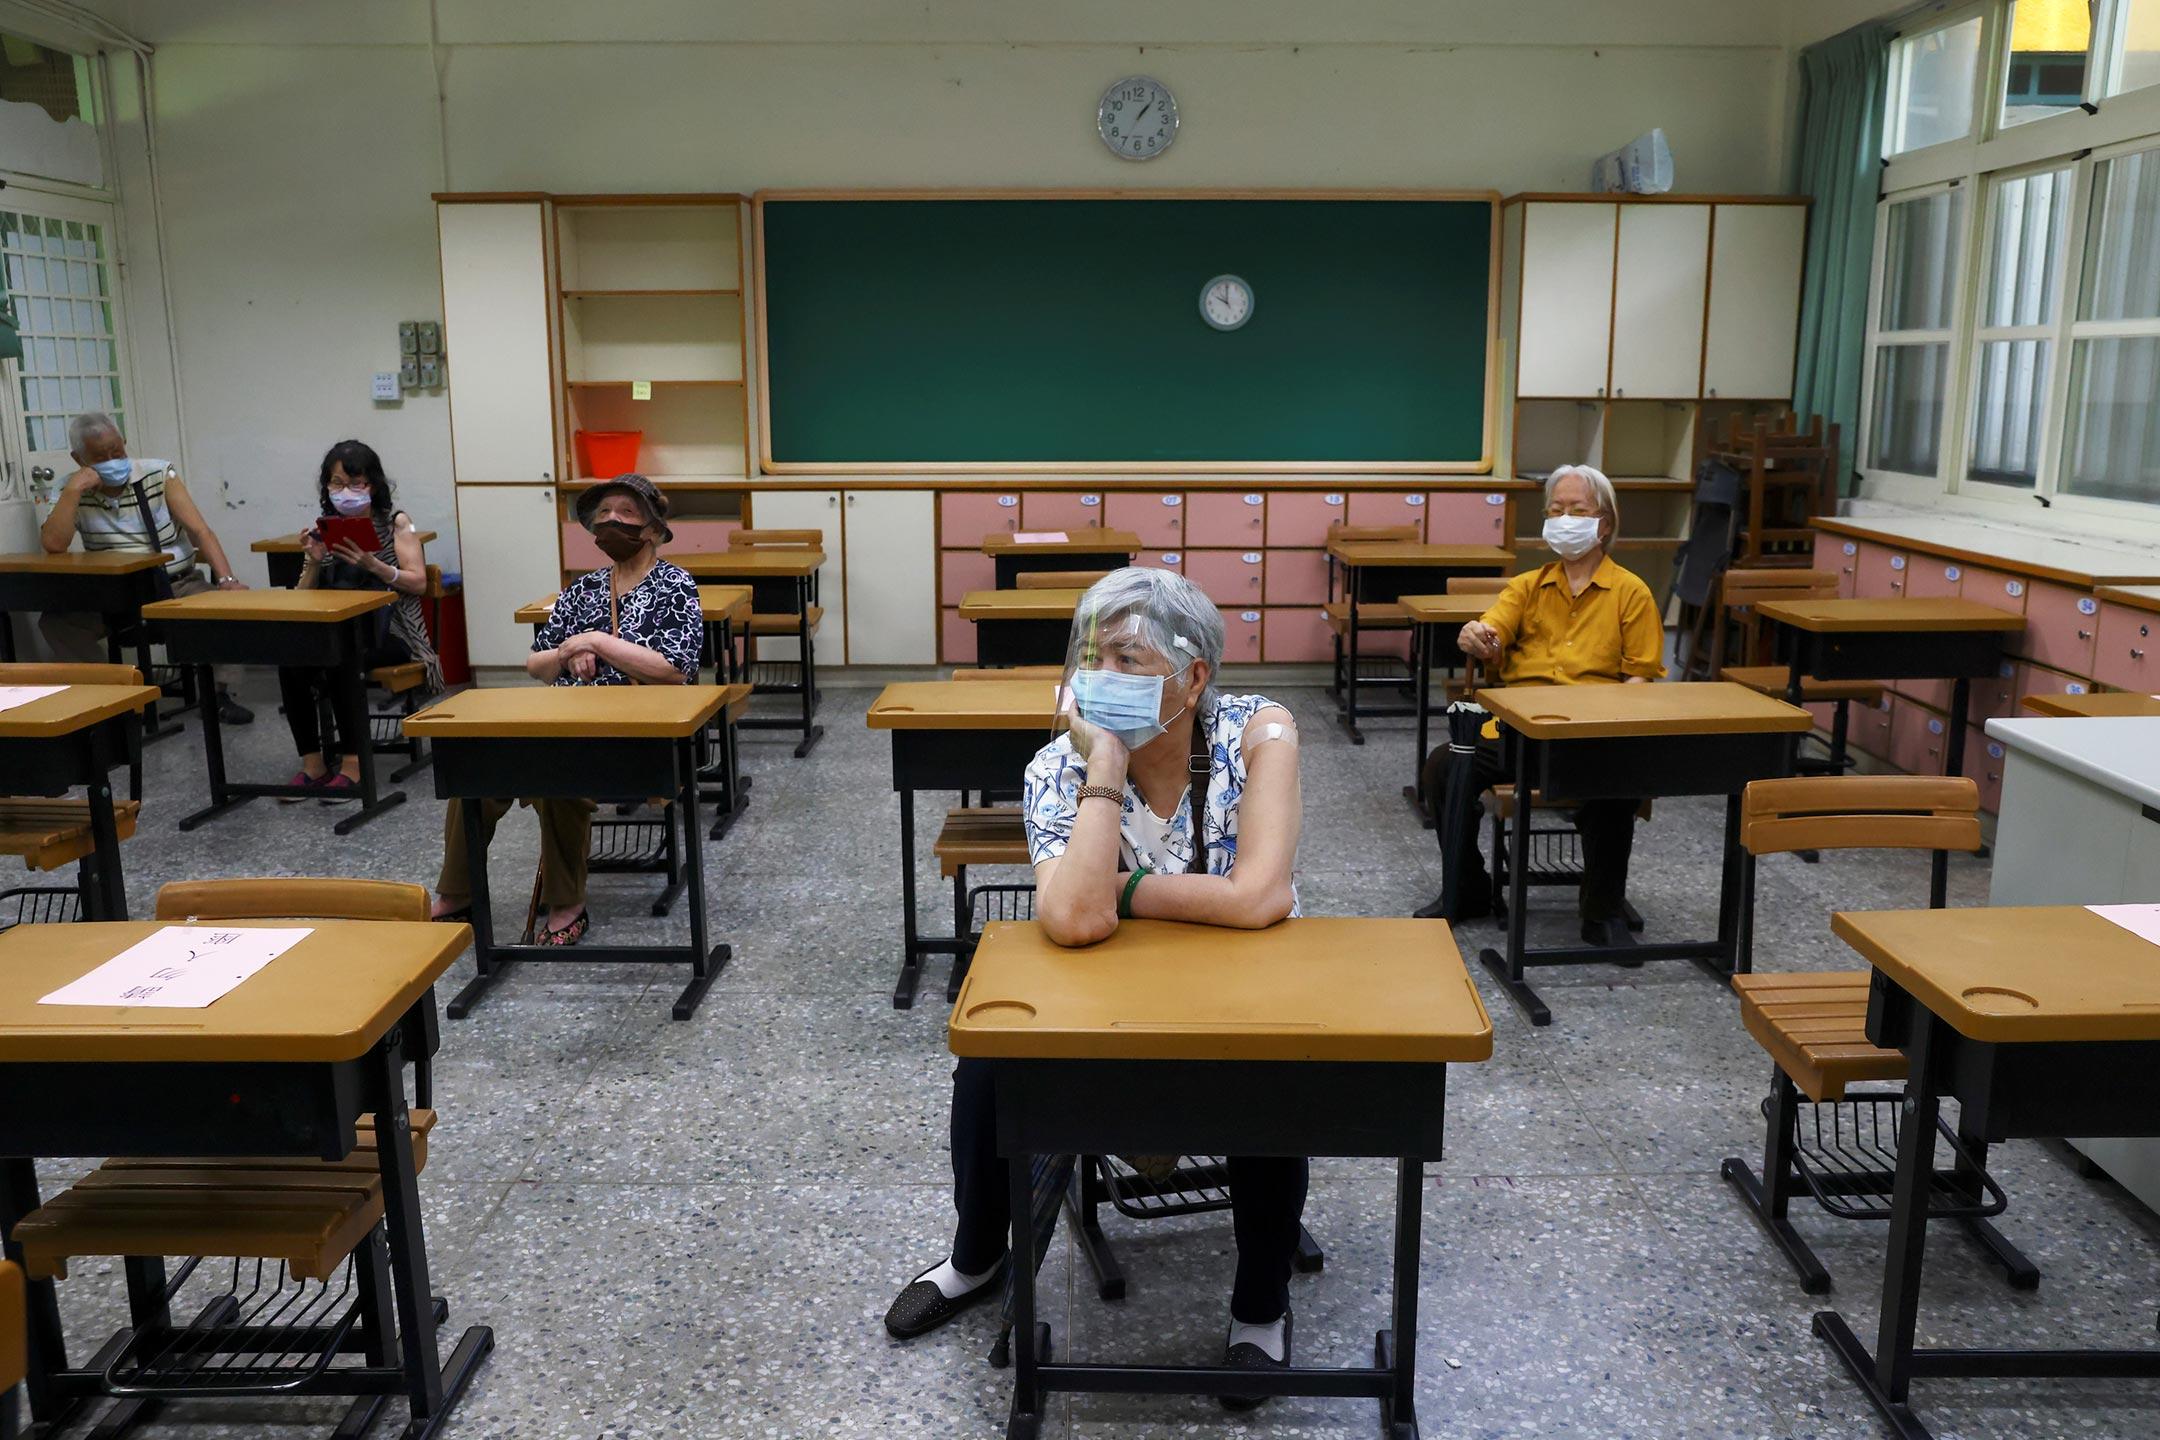 2021年6月15日,台北一所學校為 85 歲以上老年人接種疫苗,接種後的人士在觀察區等待。 攝:Ann Wang/Reuters/達志影像